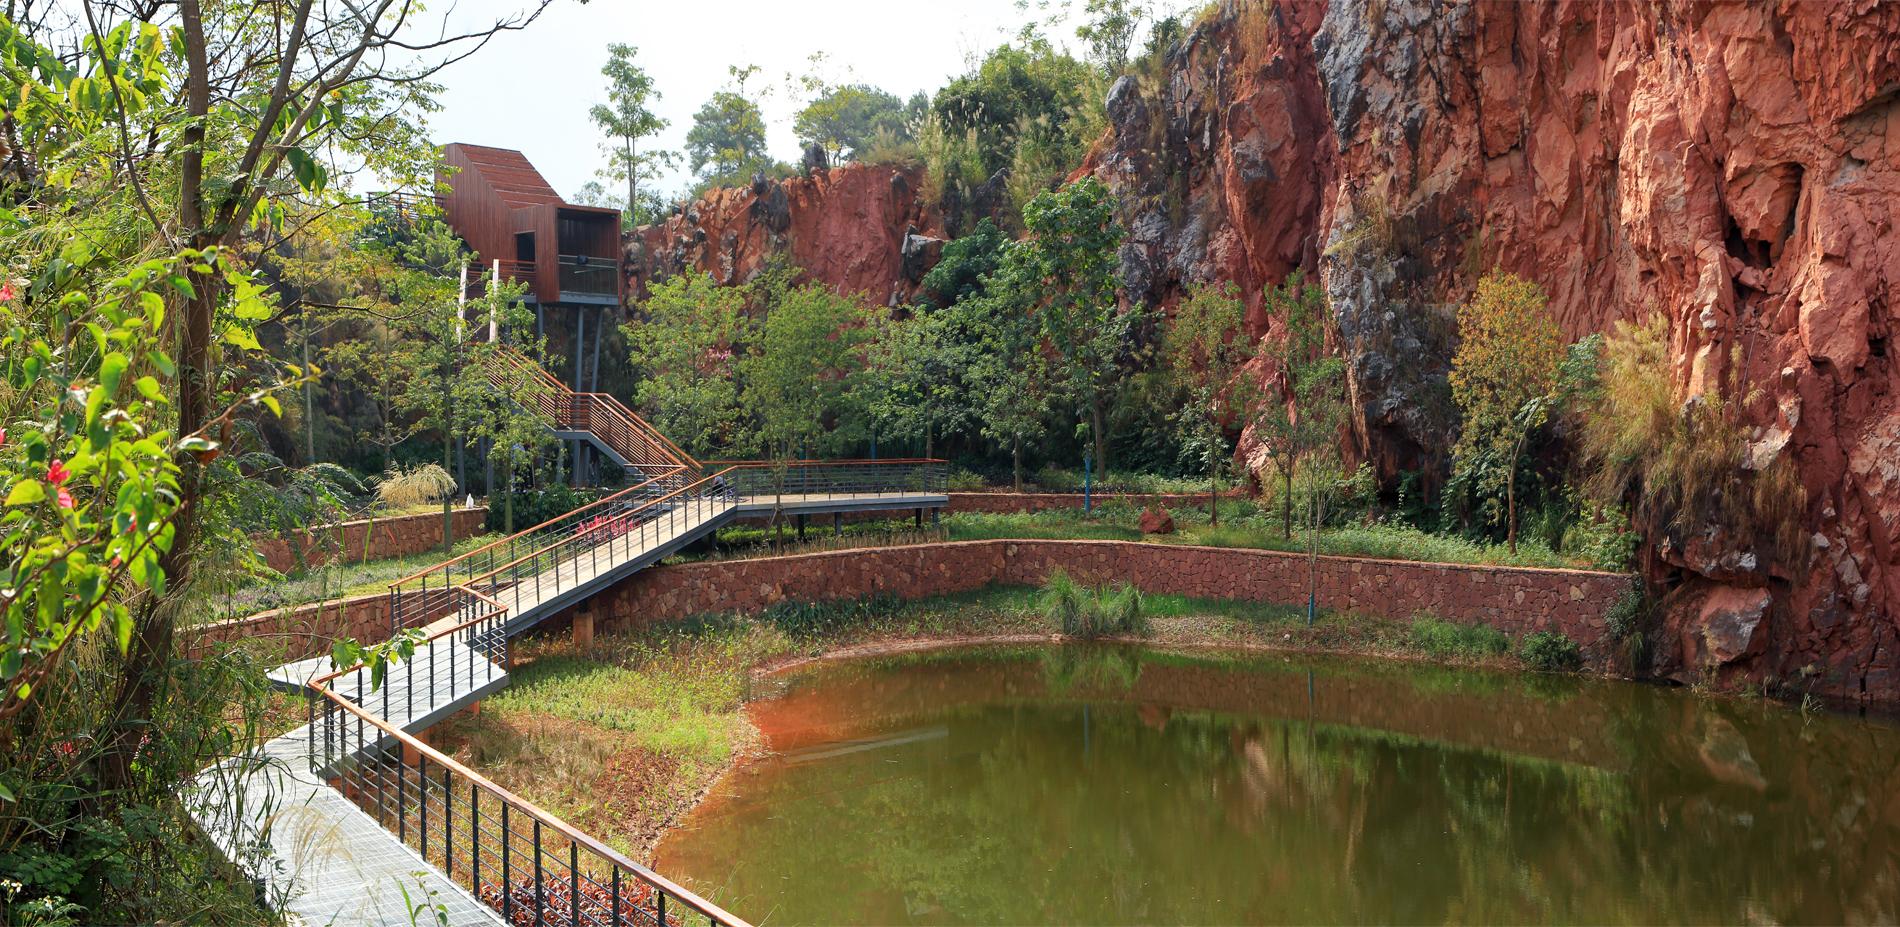 An aquatic garden (Quarry No. 2)